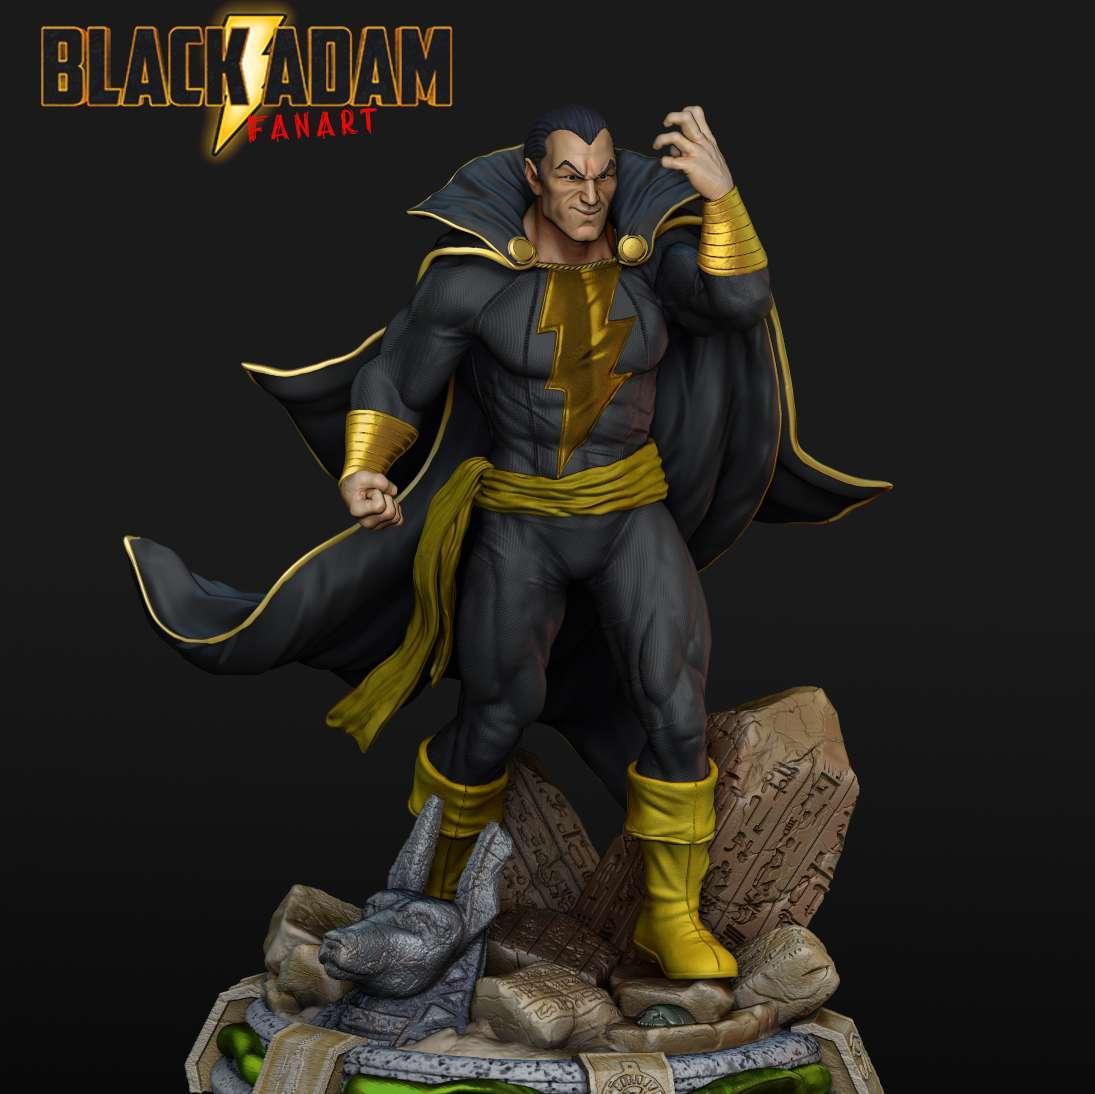 Black Adam  - Sculpture of the Black Adam - Os melhores arquivos para impressão 3D do mundo. Modelos stl divididos em partes para facilitar a impressão 3D. Todos os tipos de personagens, decoração, cosplay, próteses, peças. Qualidade na impressão 3D. Modelos 3D com preço acessível. Baixo custo. Compras coletivas de arquivos 3D.